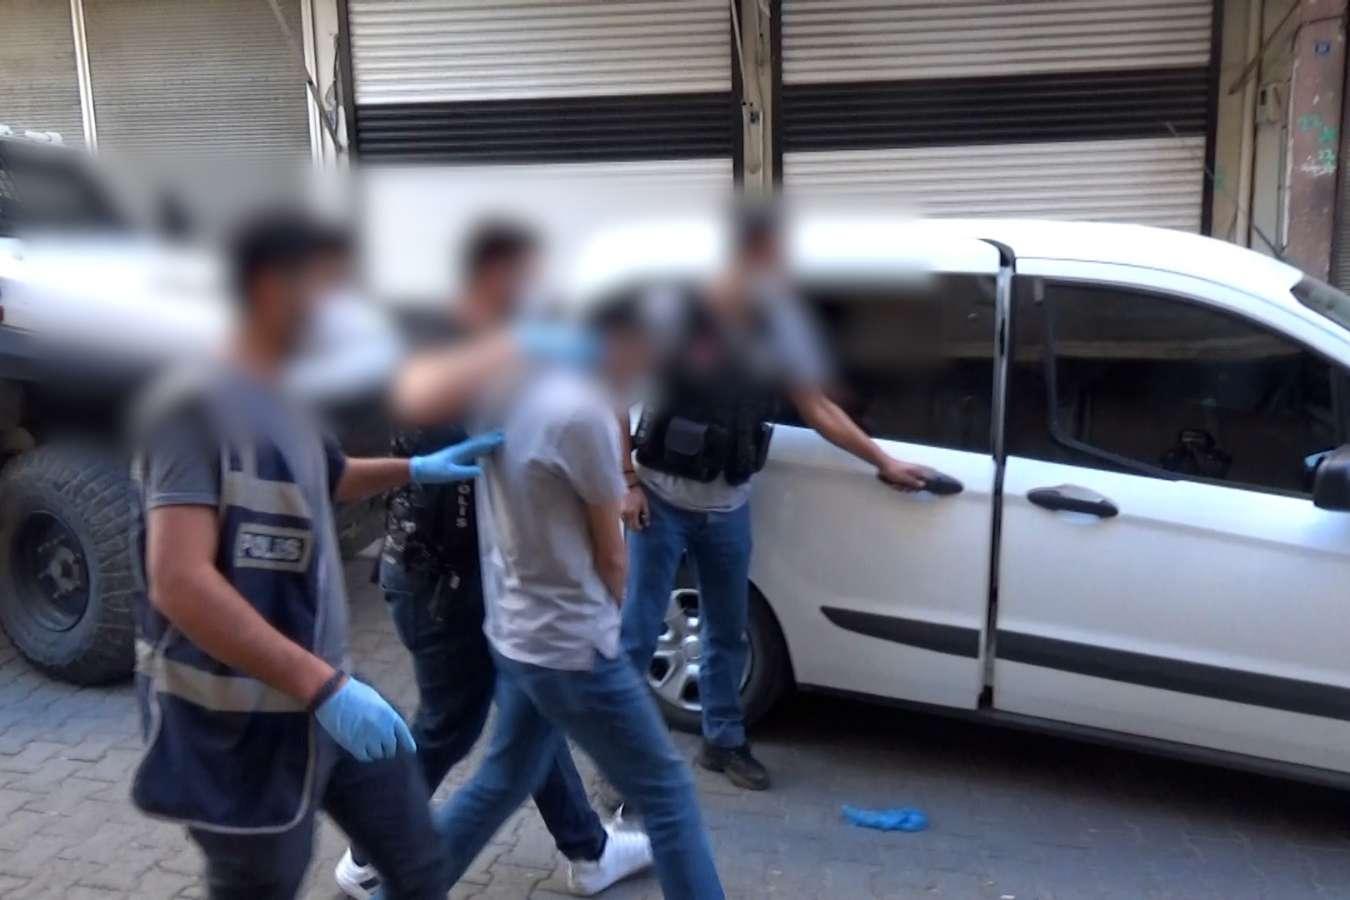 Siirtte uyuşturucu operasyonunda 2 kişi tutuklandı